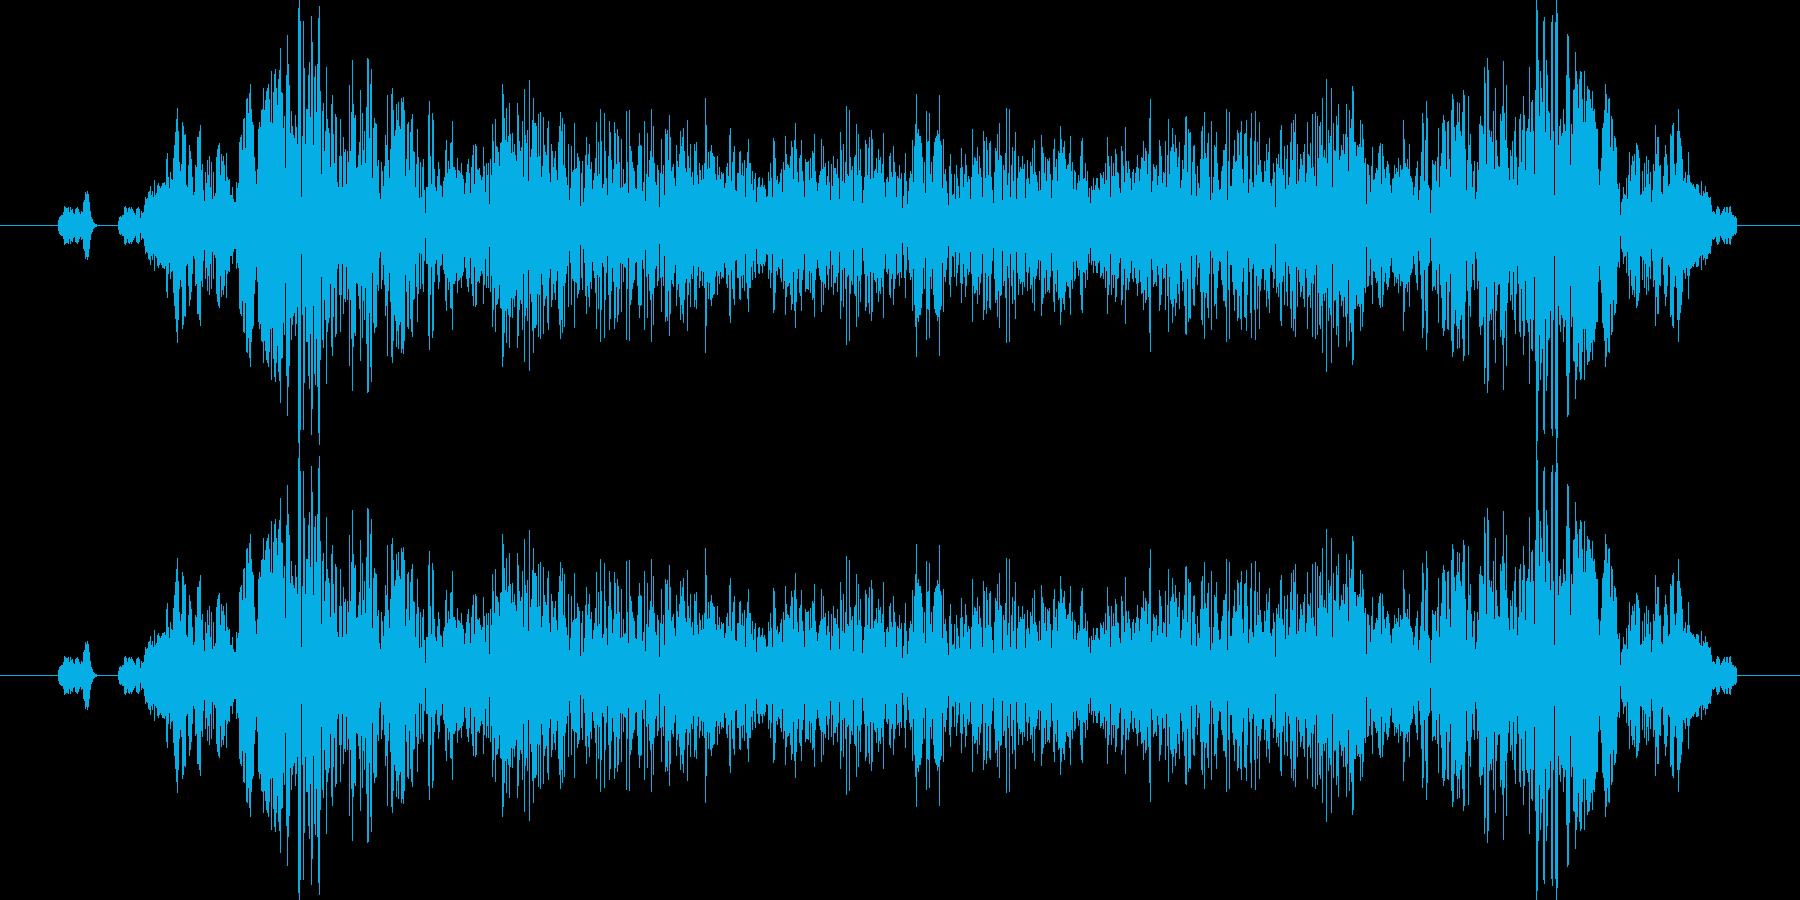 ビリュリュリュ、キュルキュルの再生済みの波形